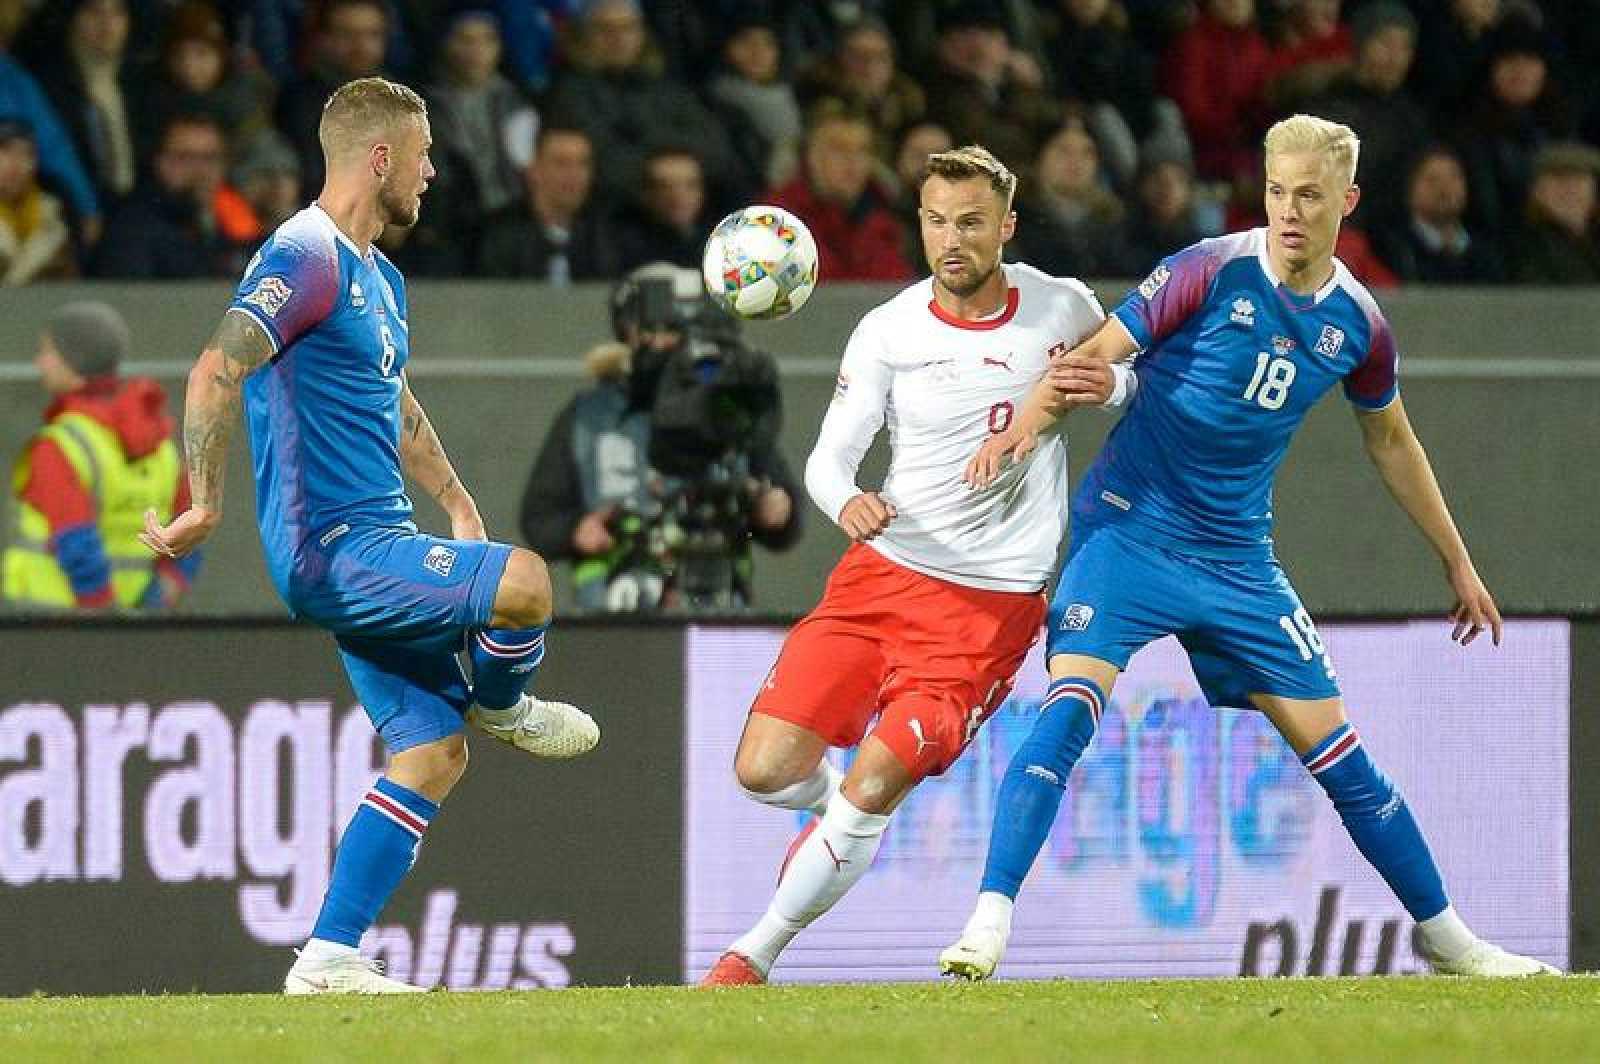 El suizo Freuler pelea por el balón con los islandeses Sigurdsson (i) y Magnusson (d)